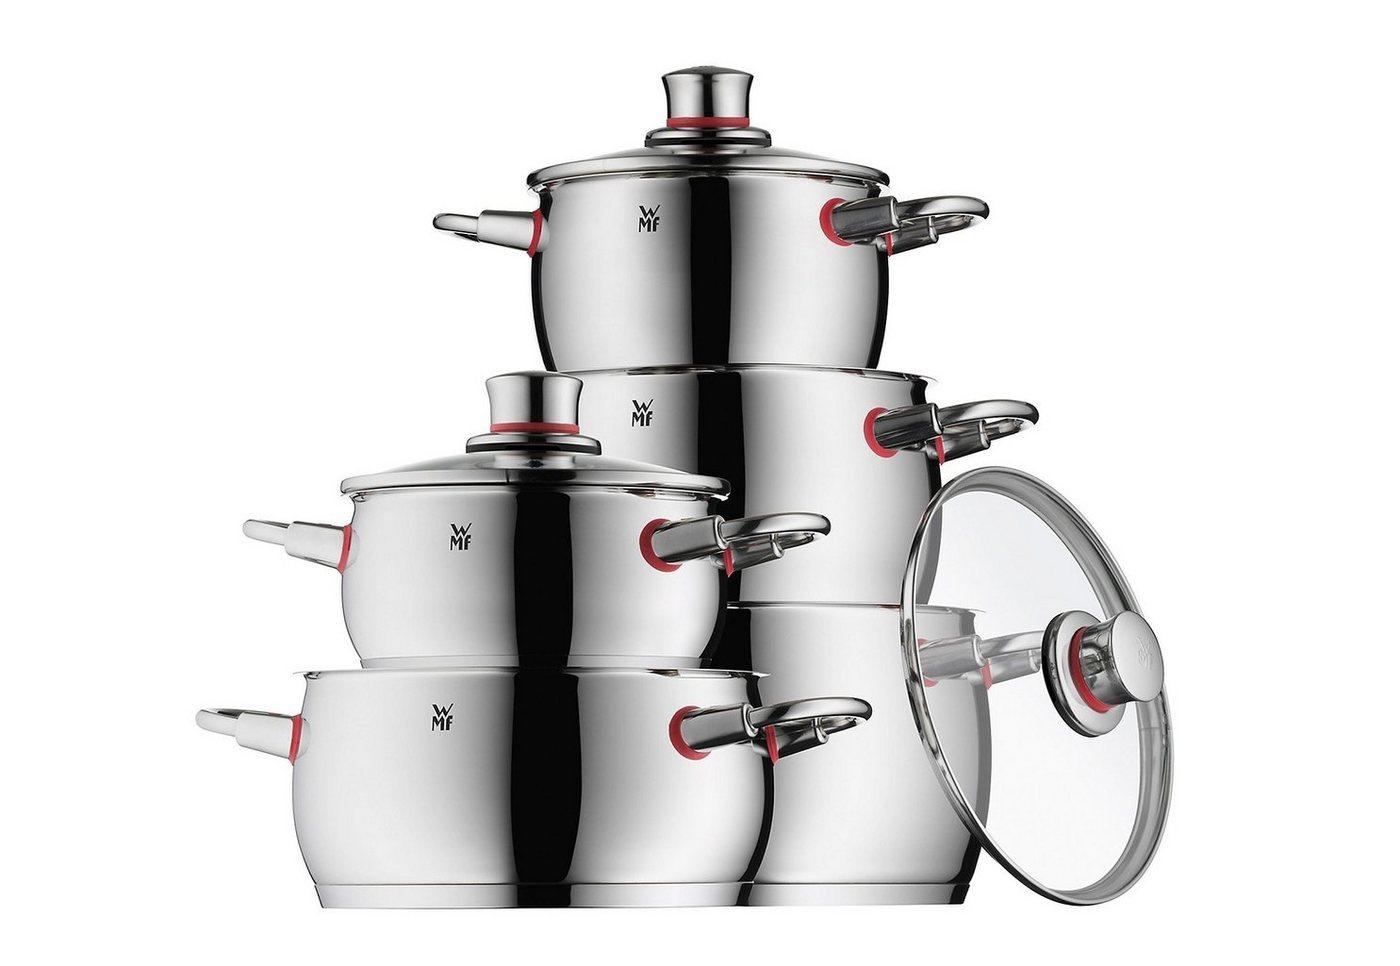 WMF Topf-Set »Quality One«, Cromargan® Edelstahl Rostfrei 18/10, (Set, 10 tlg) | Küche und Esszimmer > Kochen und Backen > Töpfe | WMF